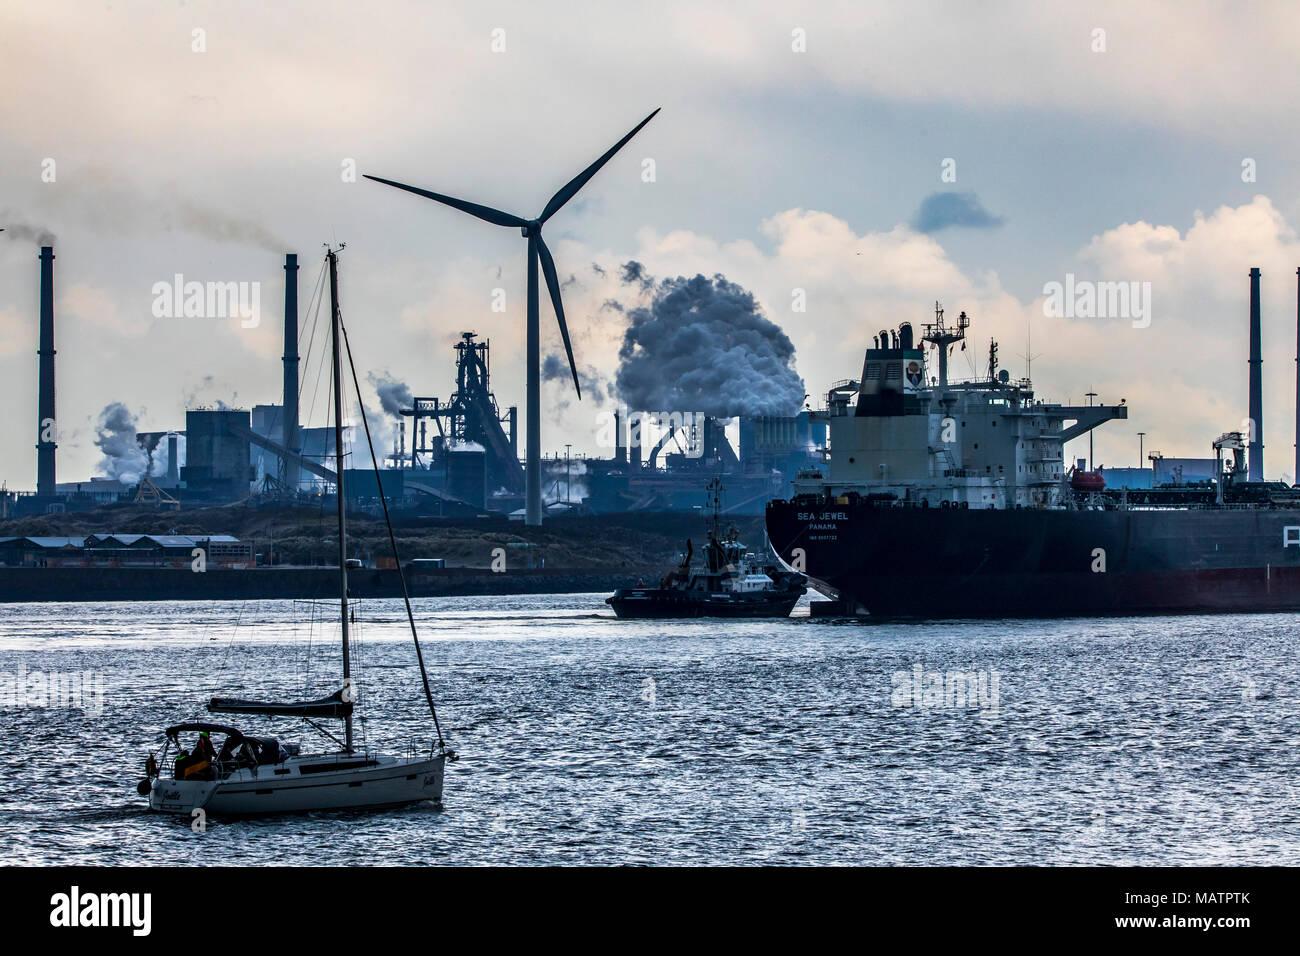 La Tata Steel steelworks à IJmuiden, Velsen, Hollande du Nord, Pays-Bas, la plus grande zone industrielle aux Pays-Bas, 2 hauts-fourneaux, 2 plan de cokéfaction Banque D'Images